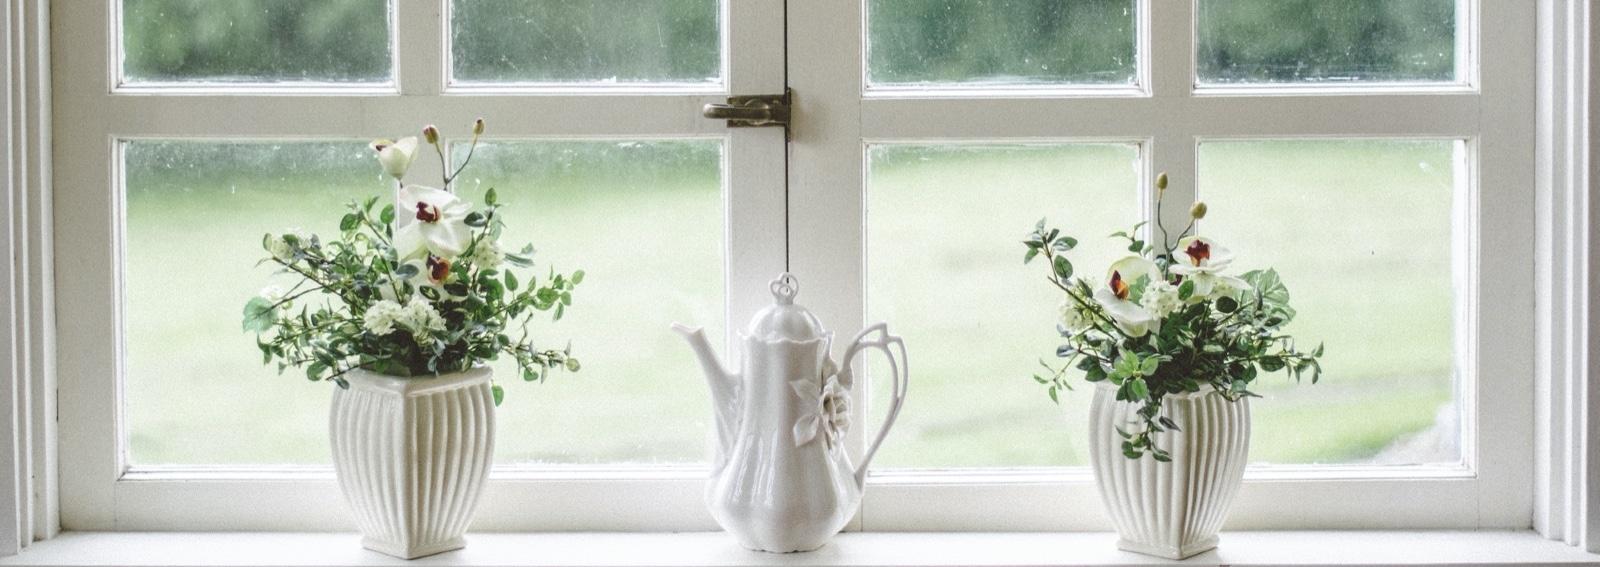 attirare energia positiva in casa